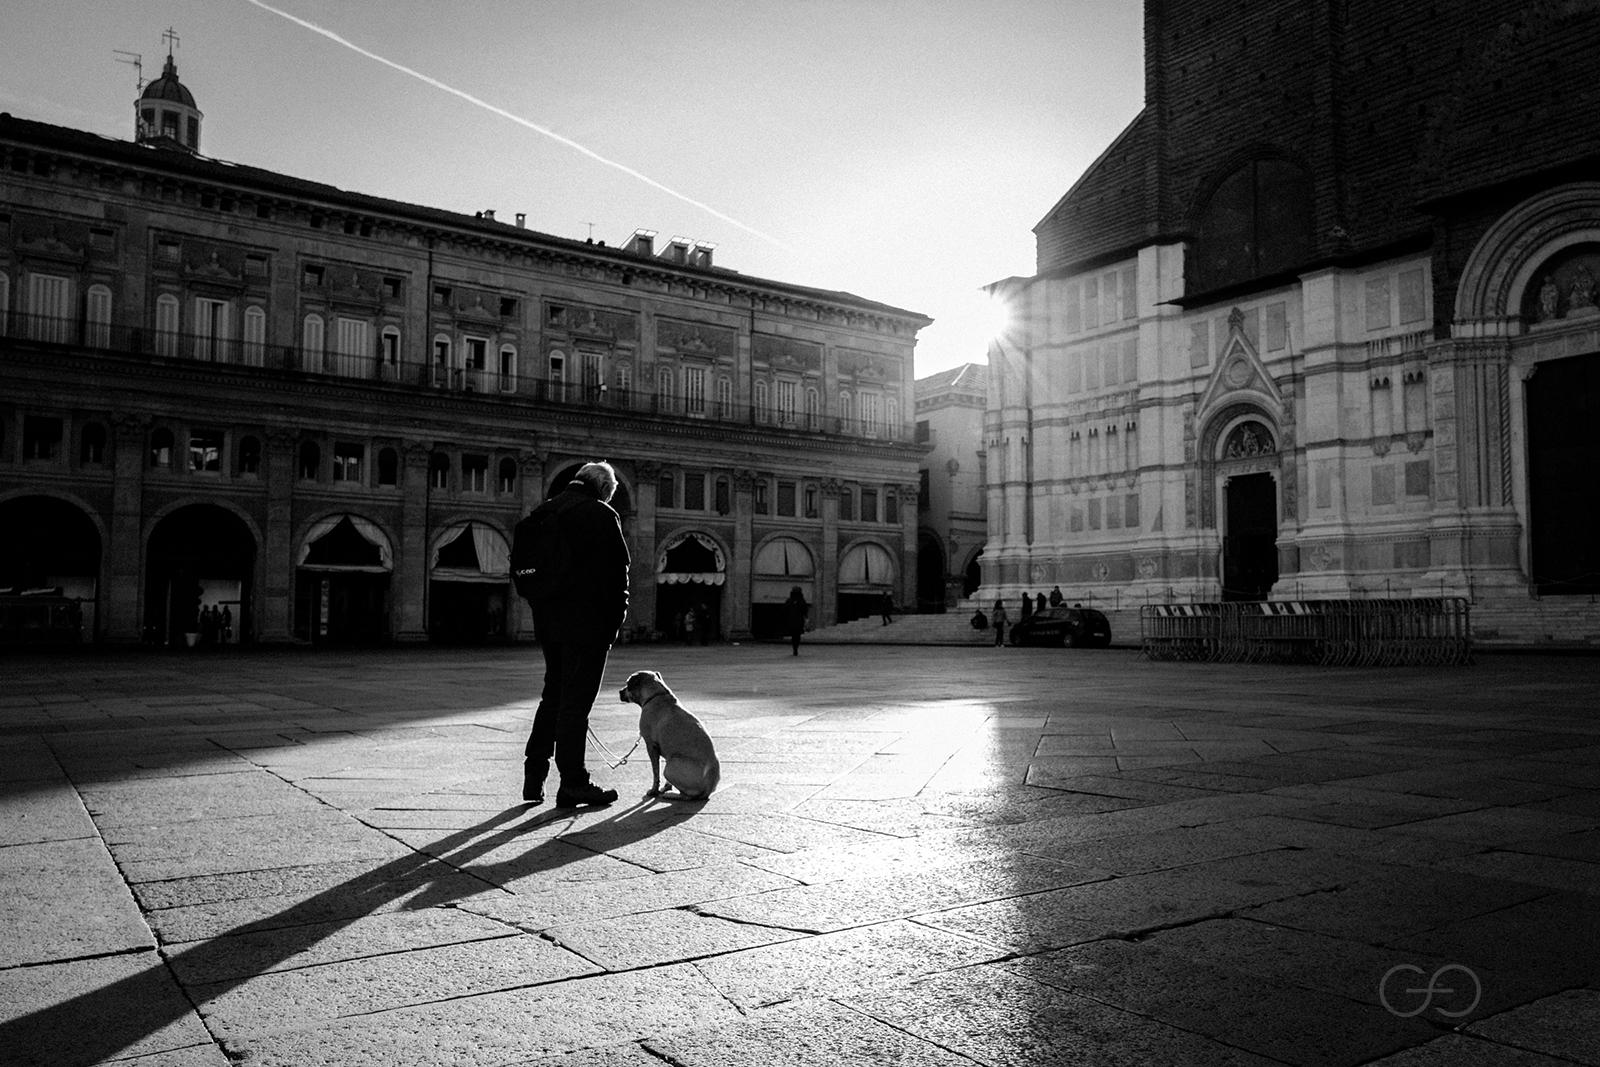 Morning in Piazza Grande...